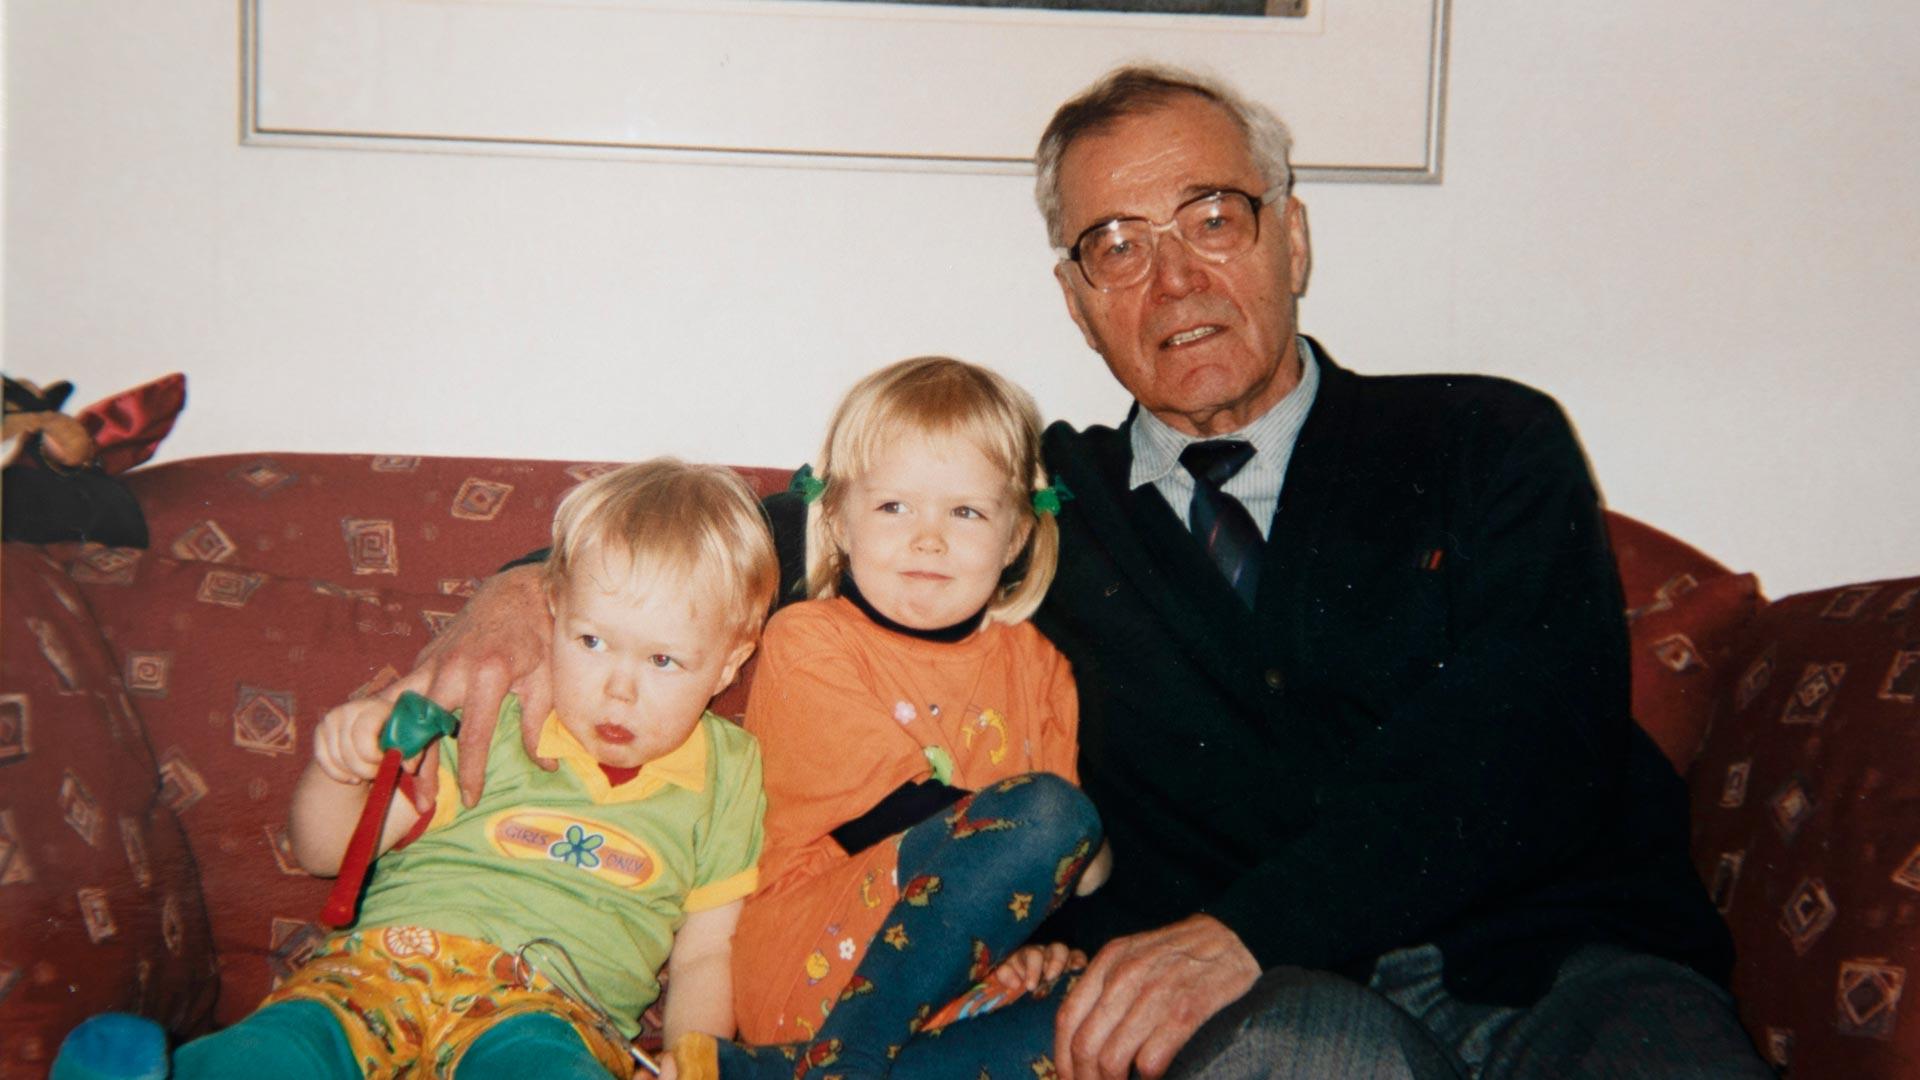 Sisarukset Otso ja Vilja (alh.) vierailivat usein Tampereen mummolassa.